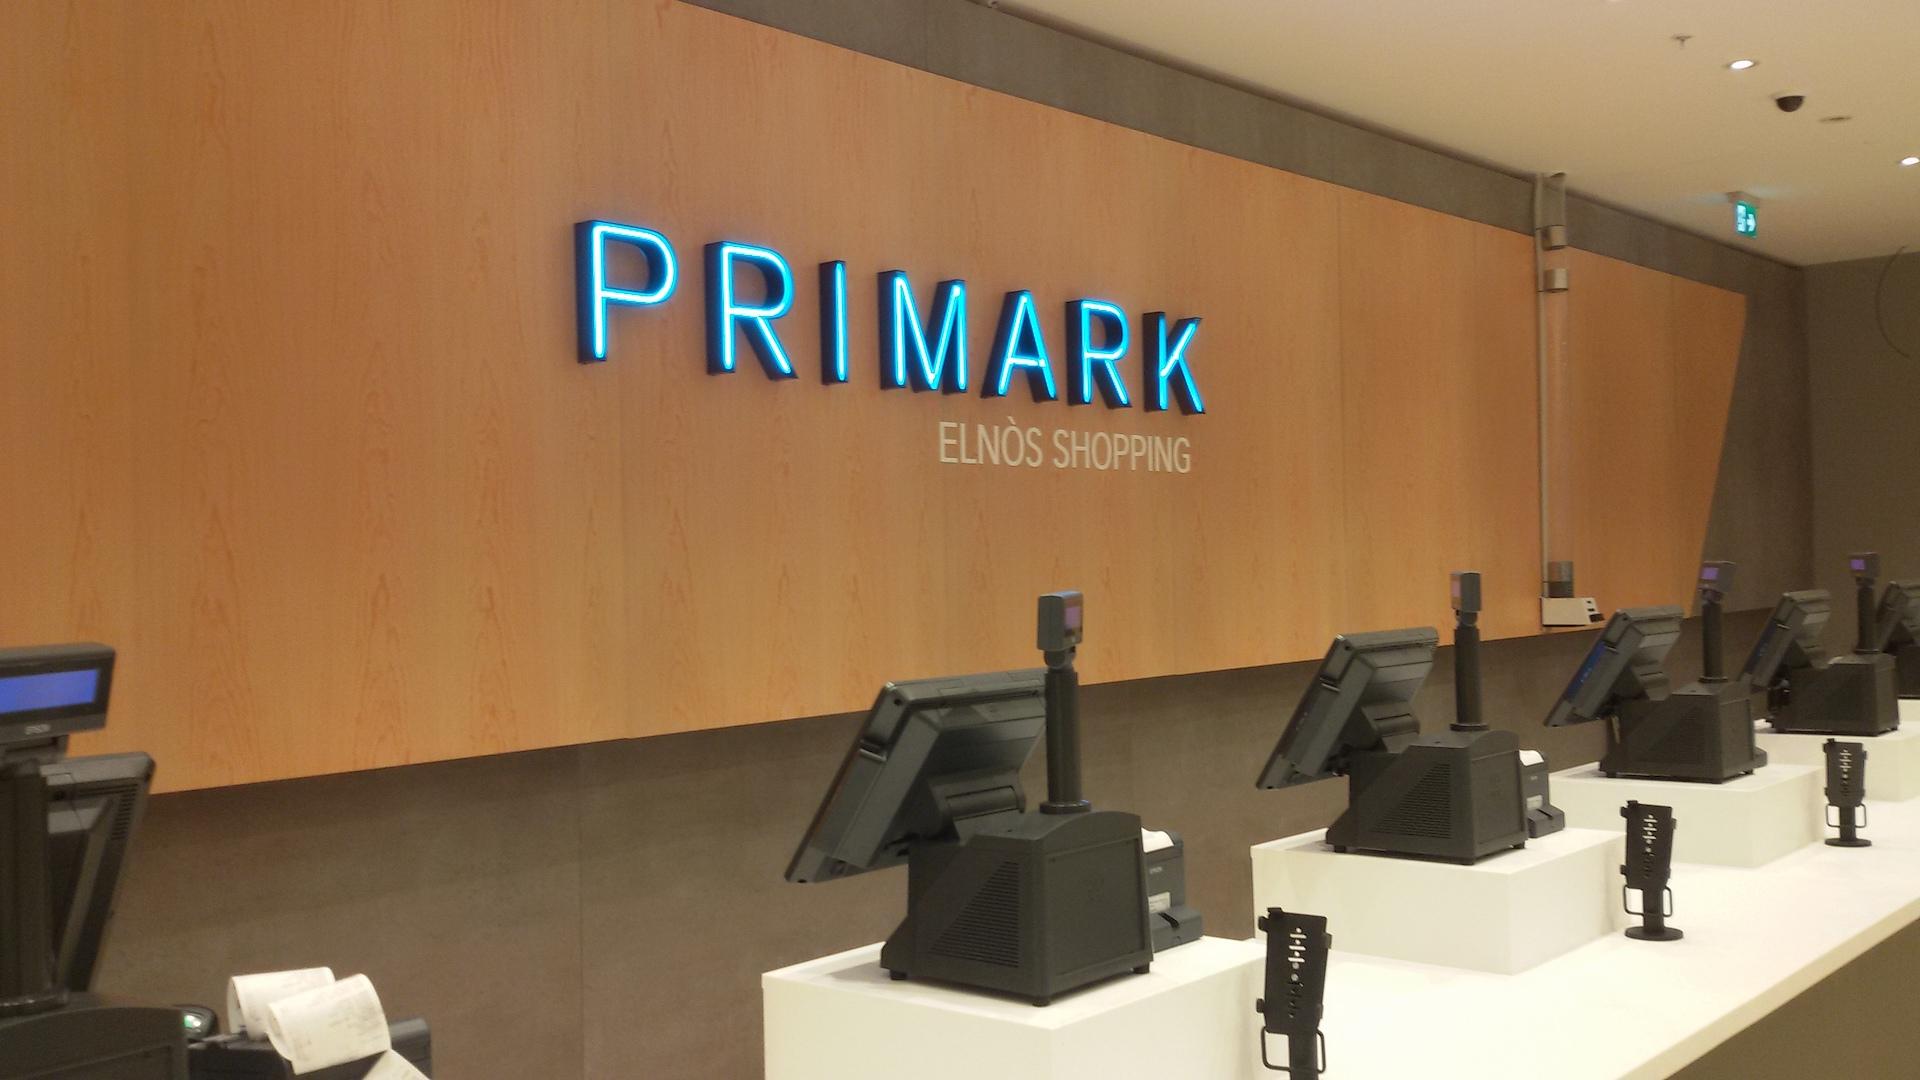 Primark Store Brescia